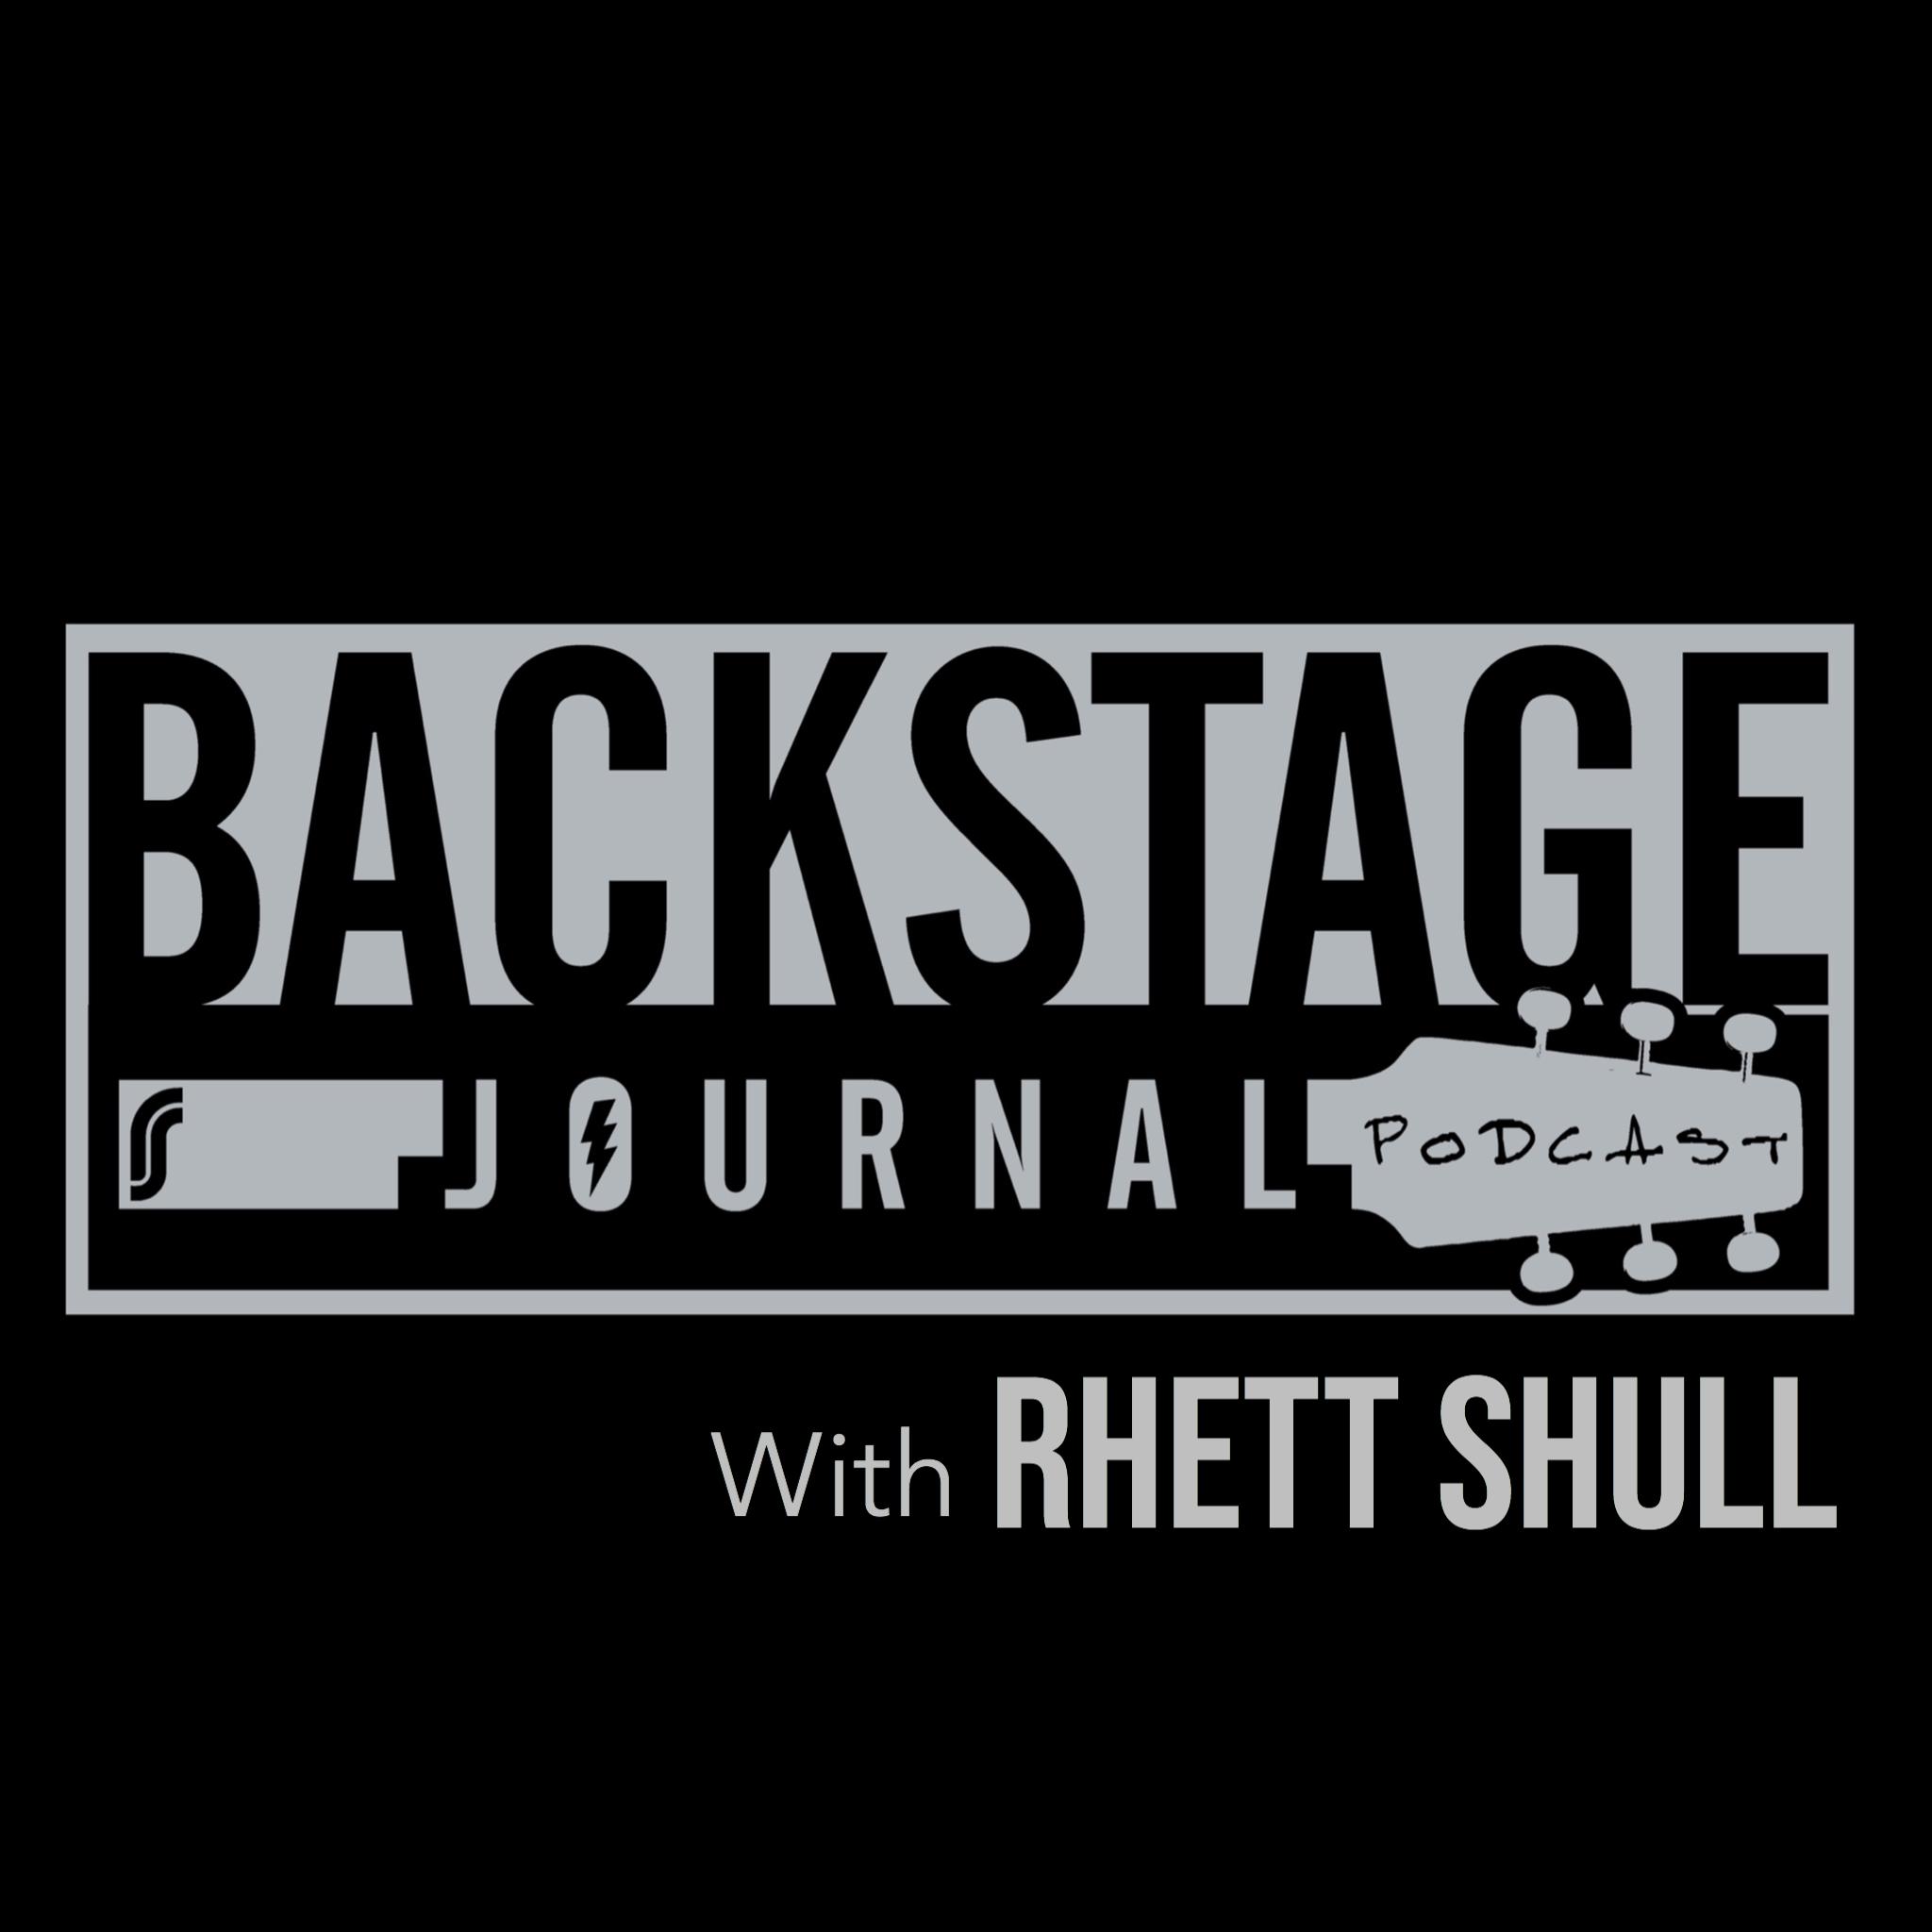 Backstage Journal Podcast with Rhett Shull show art